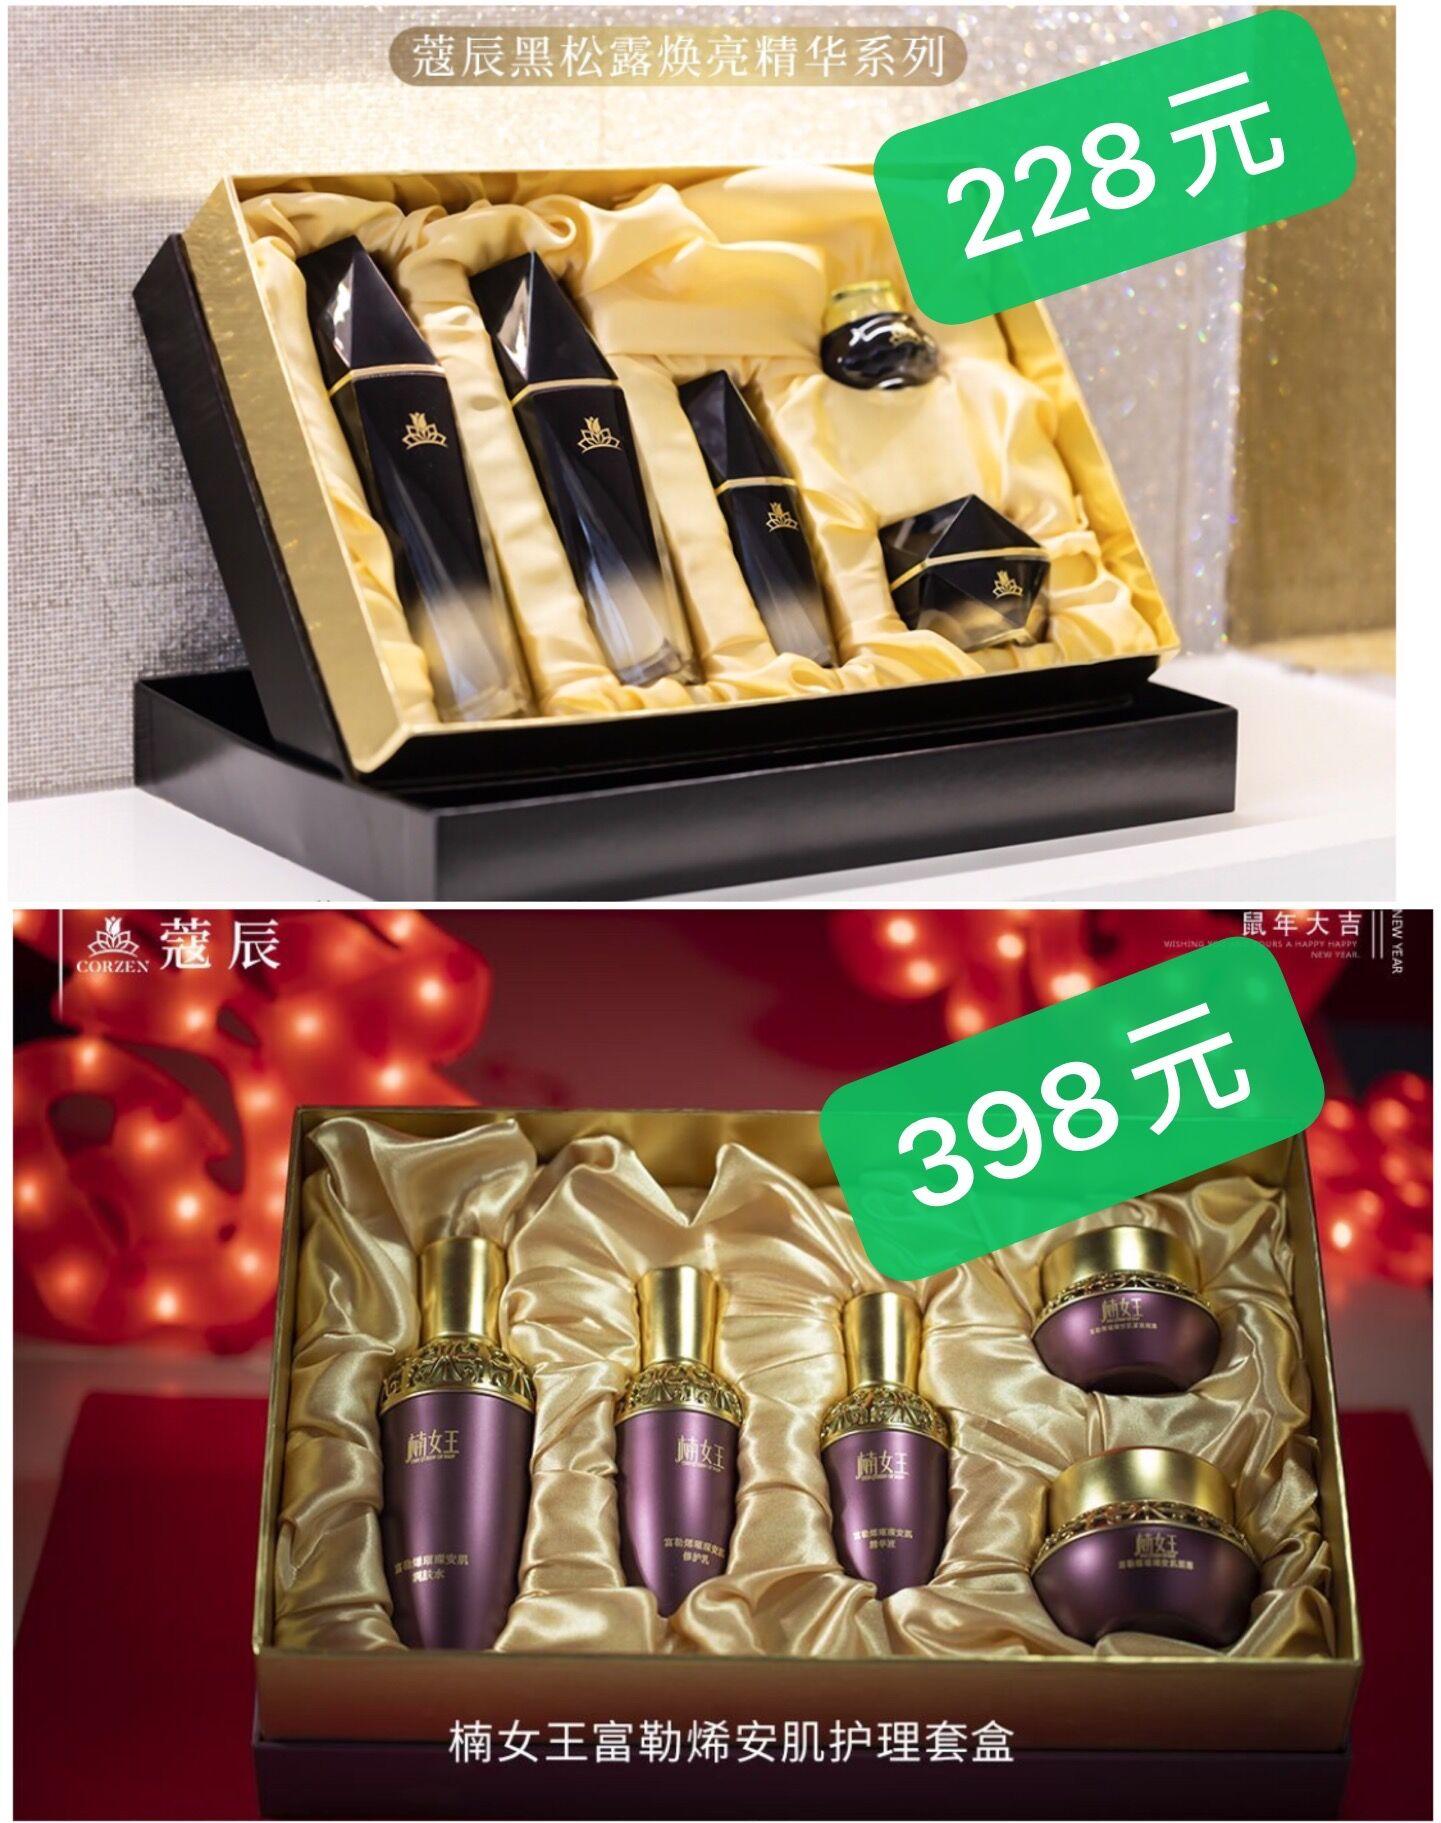 蔻辰官网正品新品黑松露套盒寇辰护肤5件套 楠女王富勒烯五件套盒